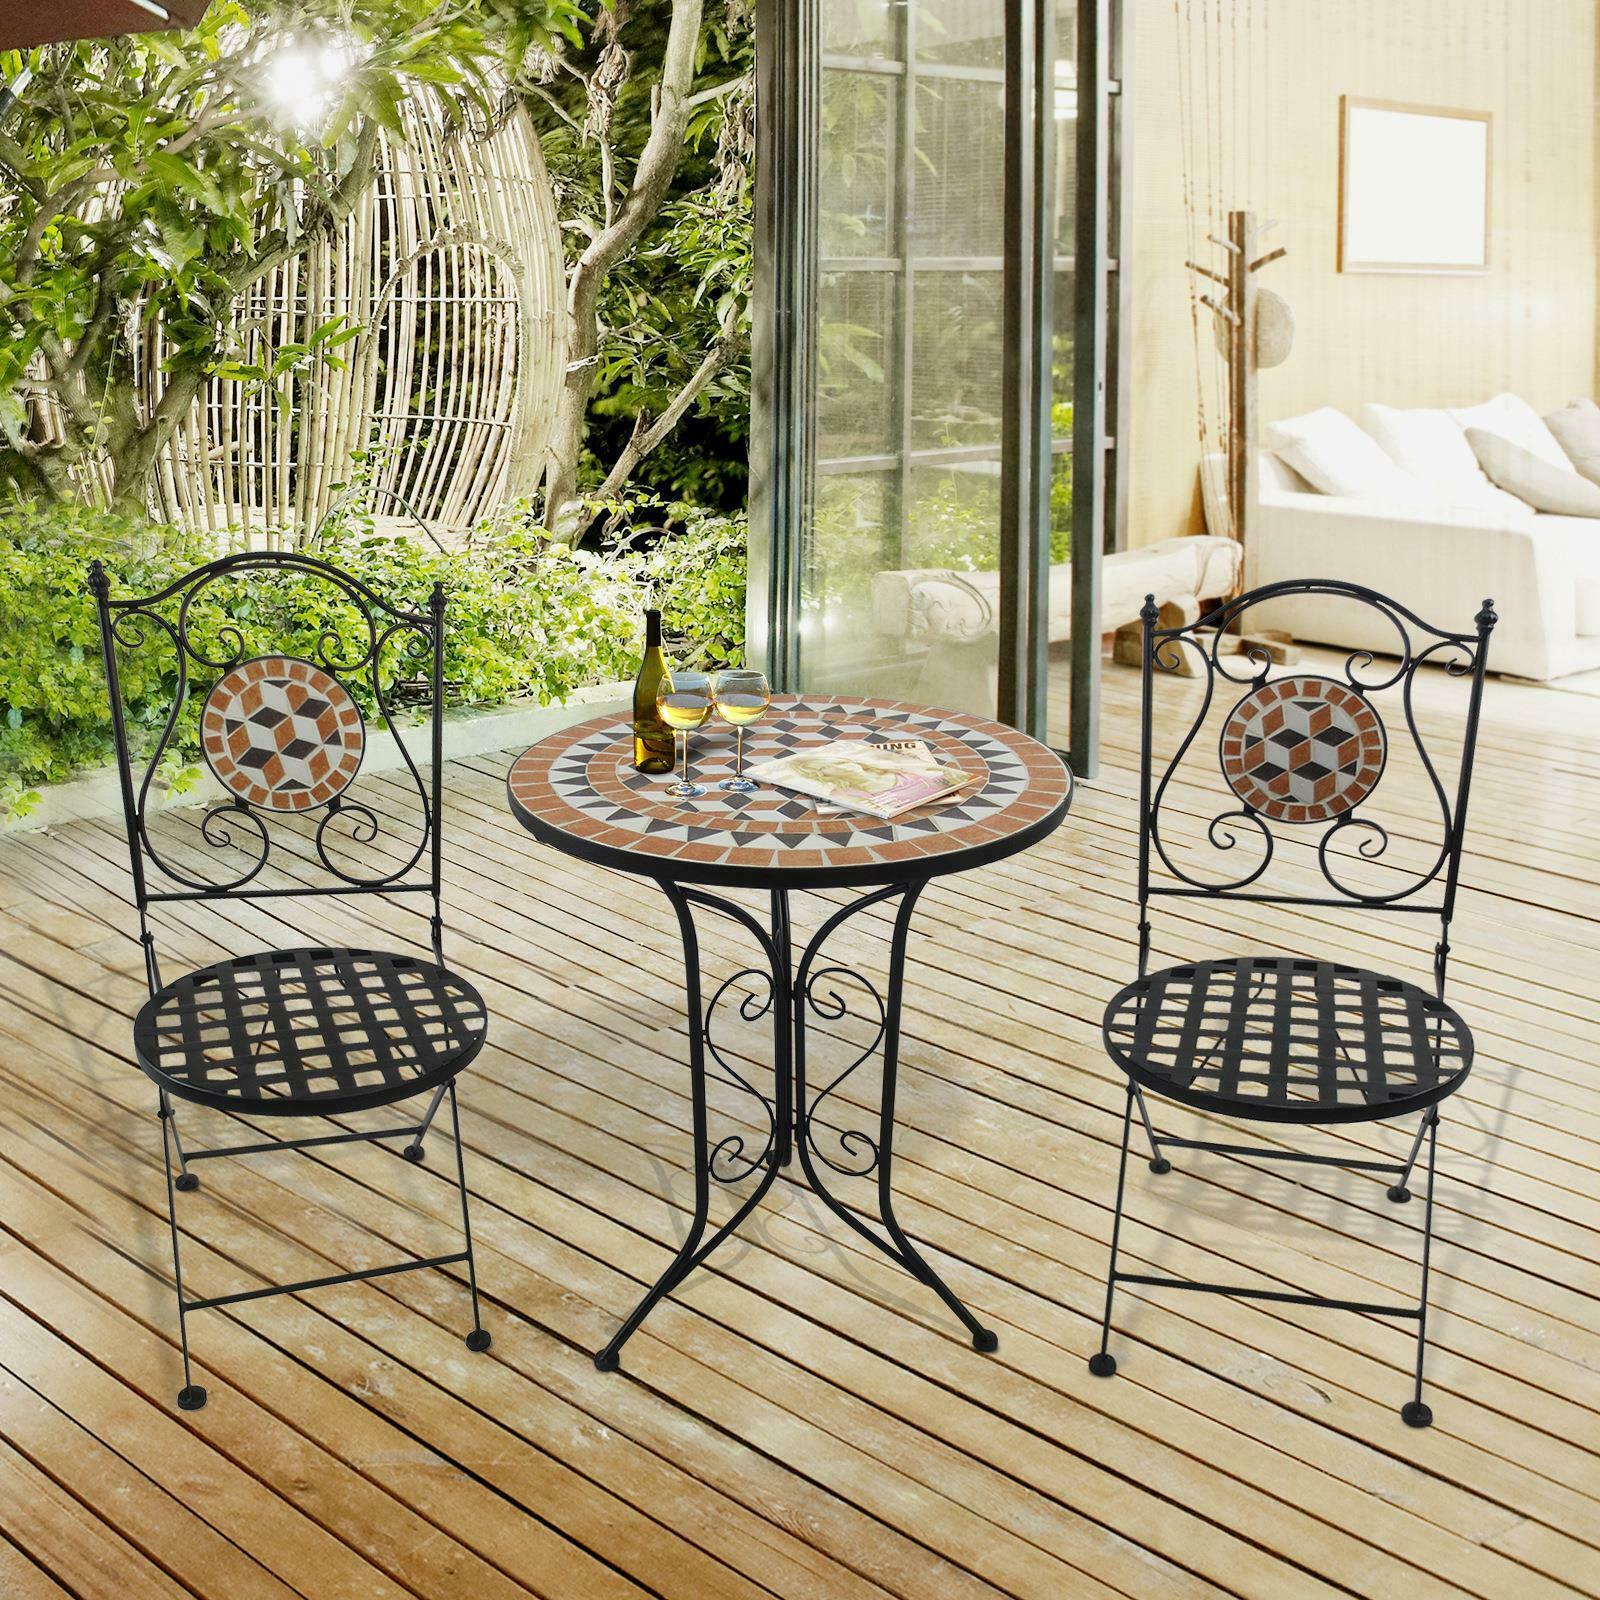 2 siège Mosaique Stylé Jardin Bistro En Plein Air Ensemble de Patio Table  Chaises Meubles NOUVEAU